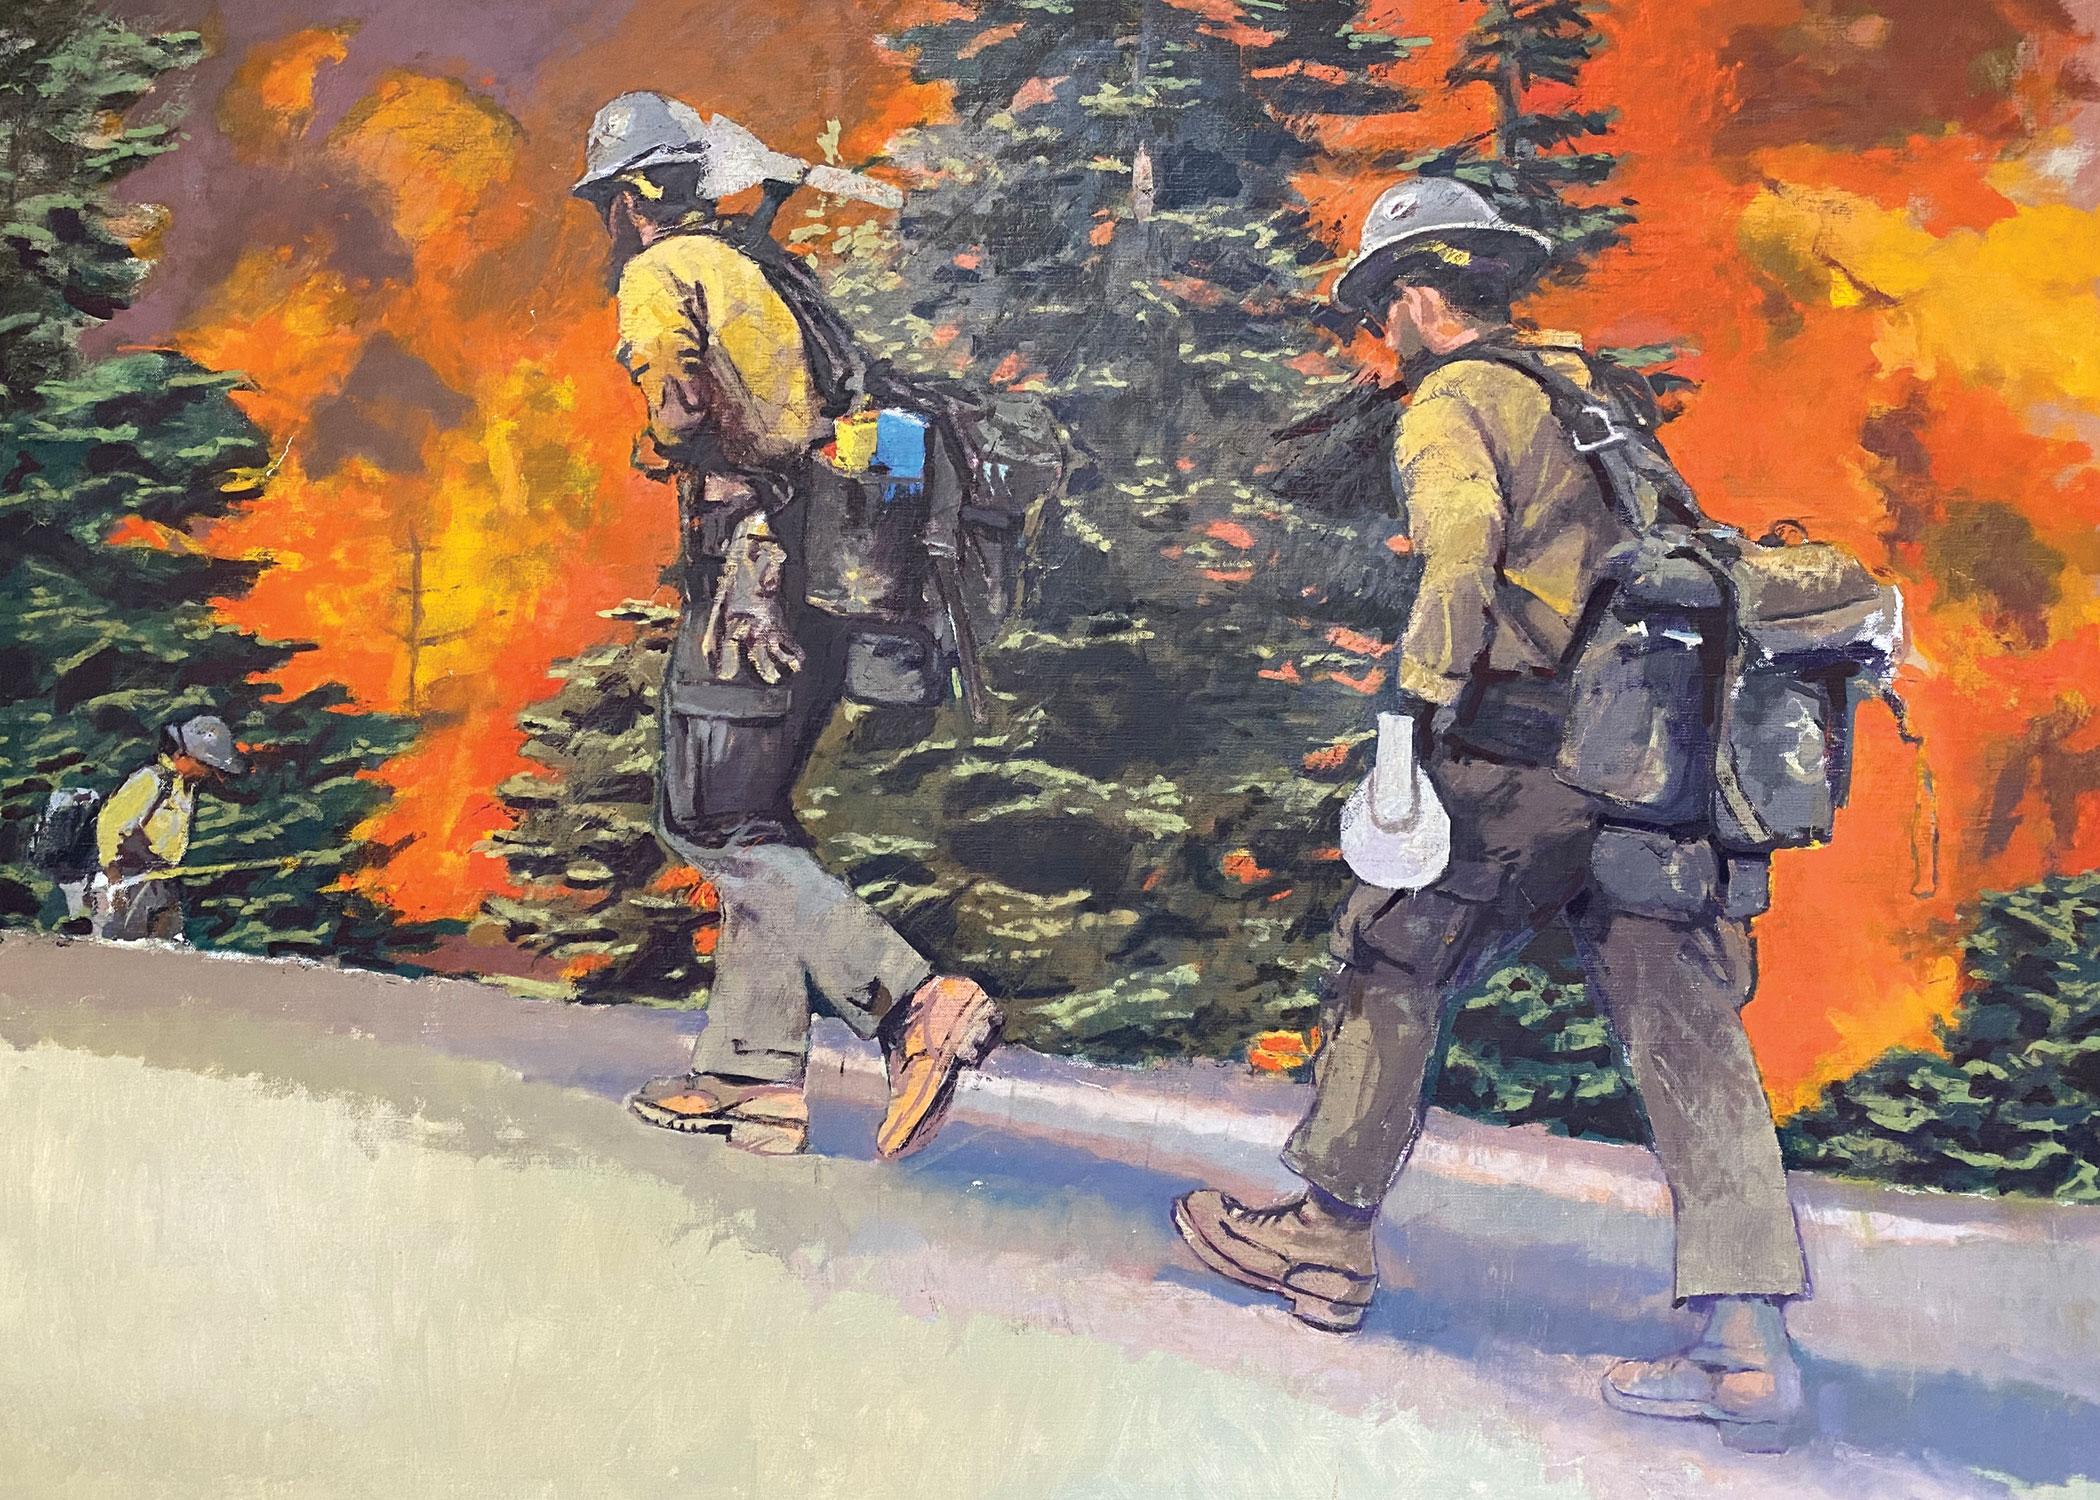 John Deckert first responder painting